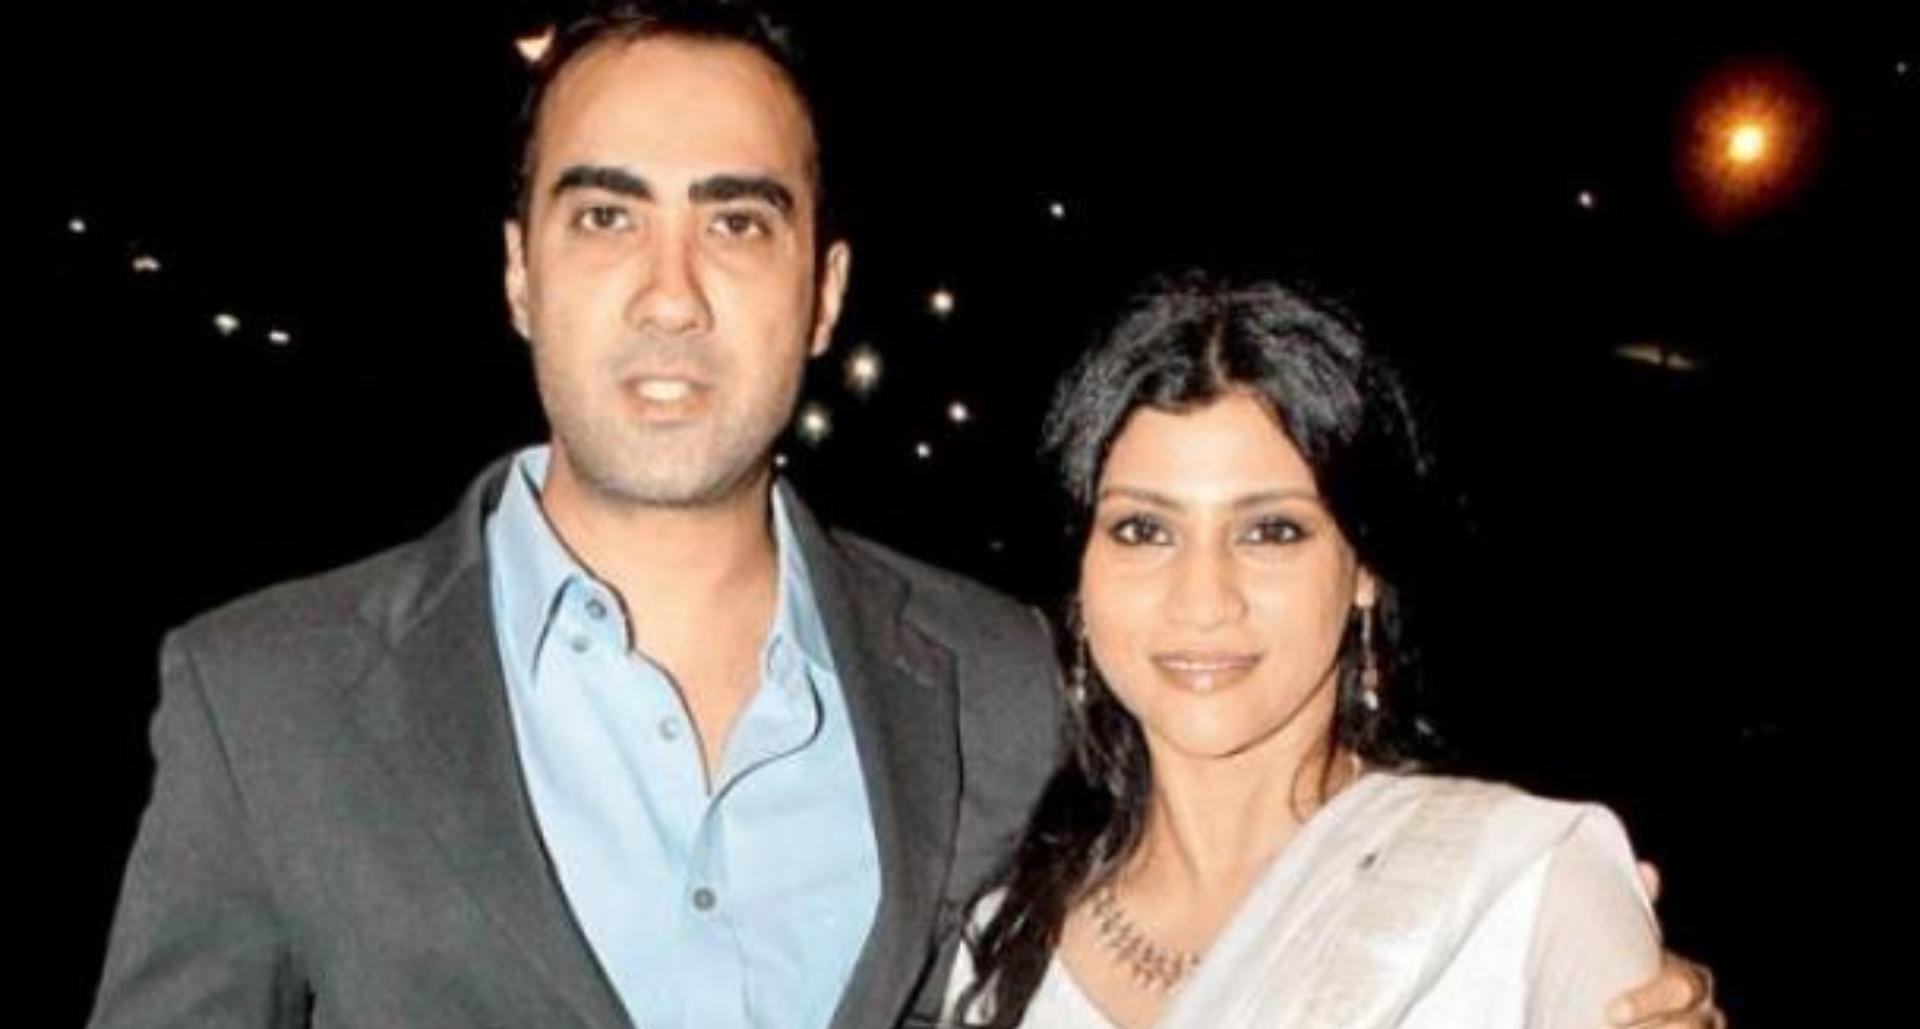 रणवीर शौरी और कोंकणा सेनशर्मा ने 5 साल अलग रहने के बाद अब लिया तलाक़, जानिए बेटे की कस्टडी की अपडेट!